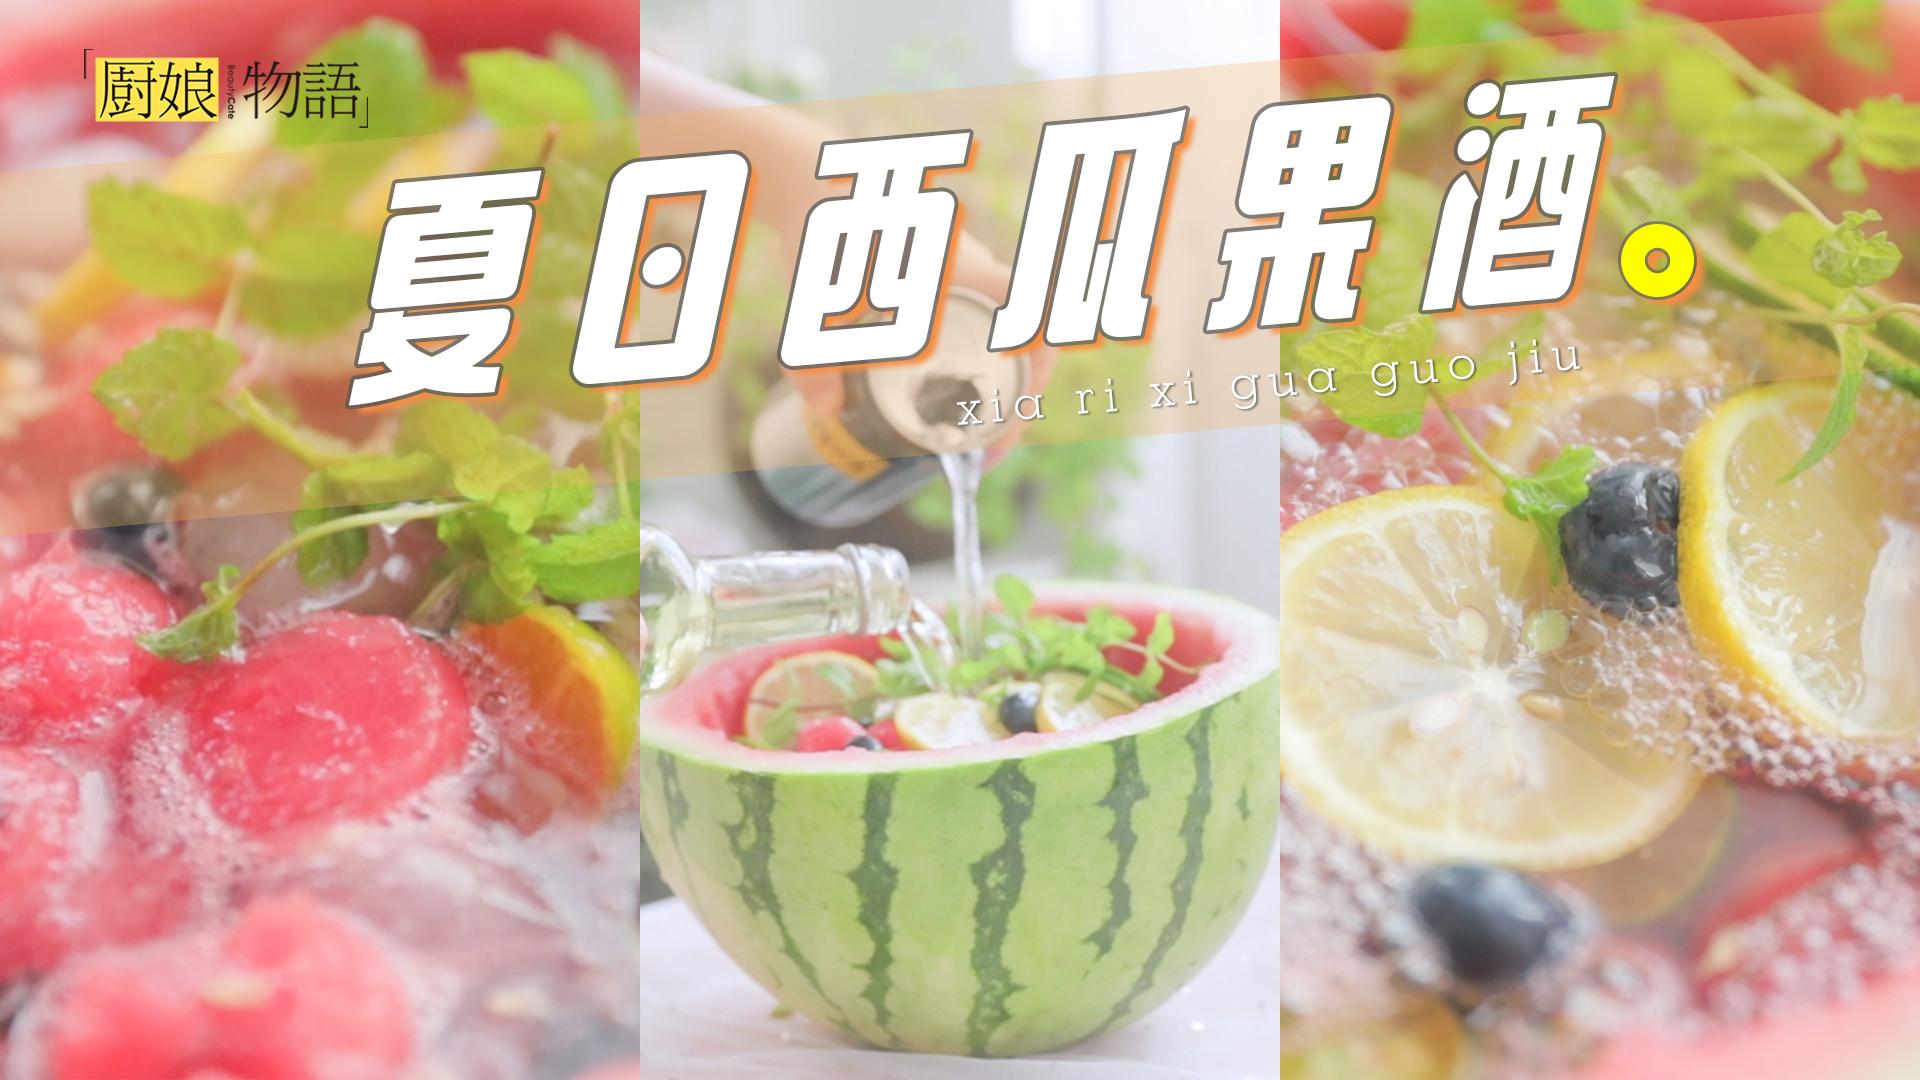 「厨娘物语」夏日西瓜果酒